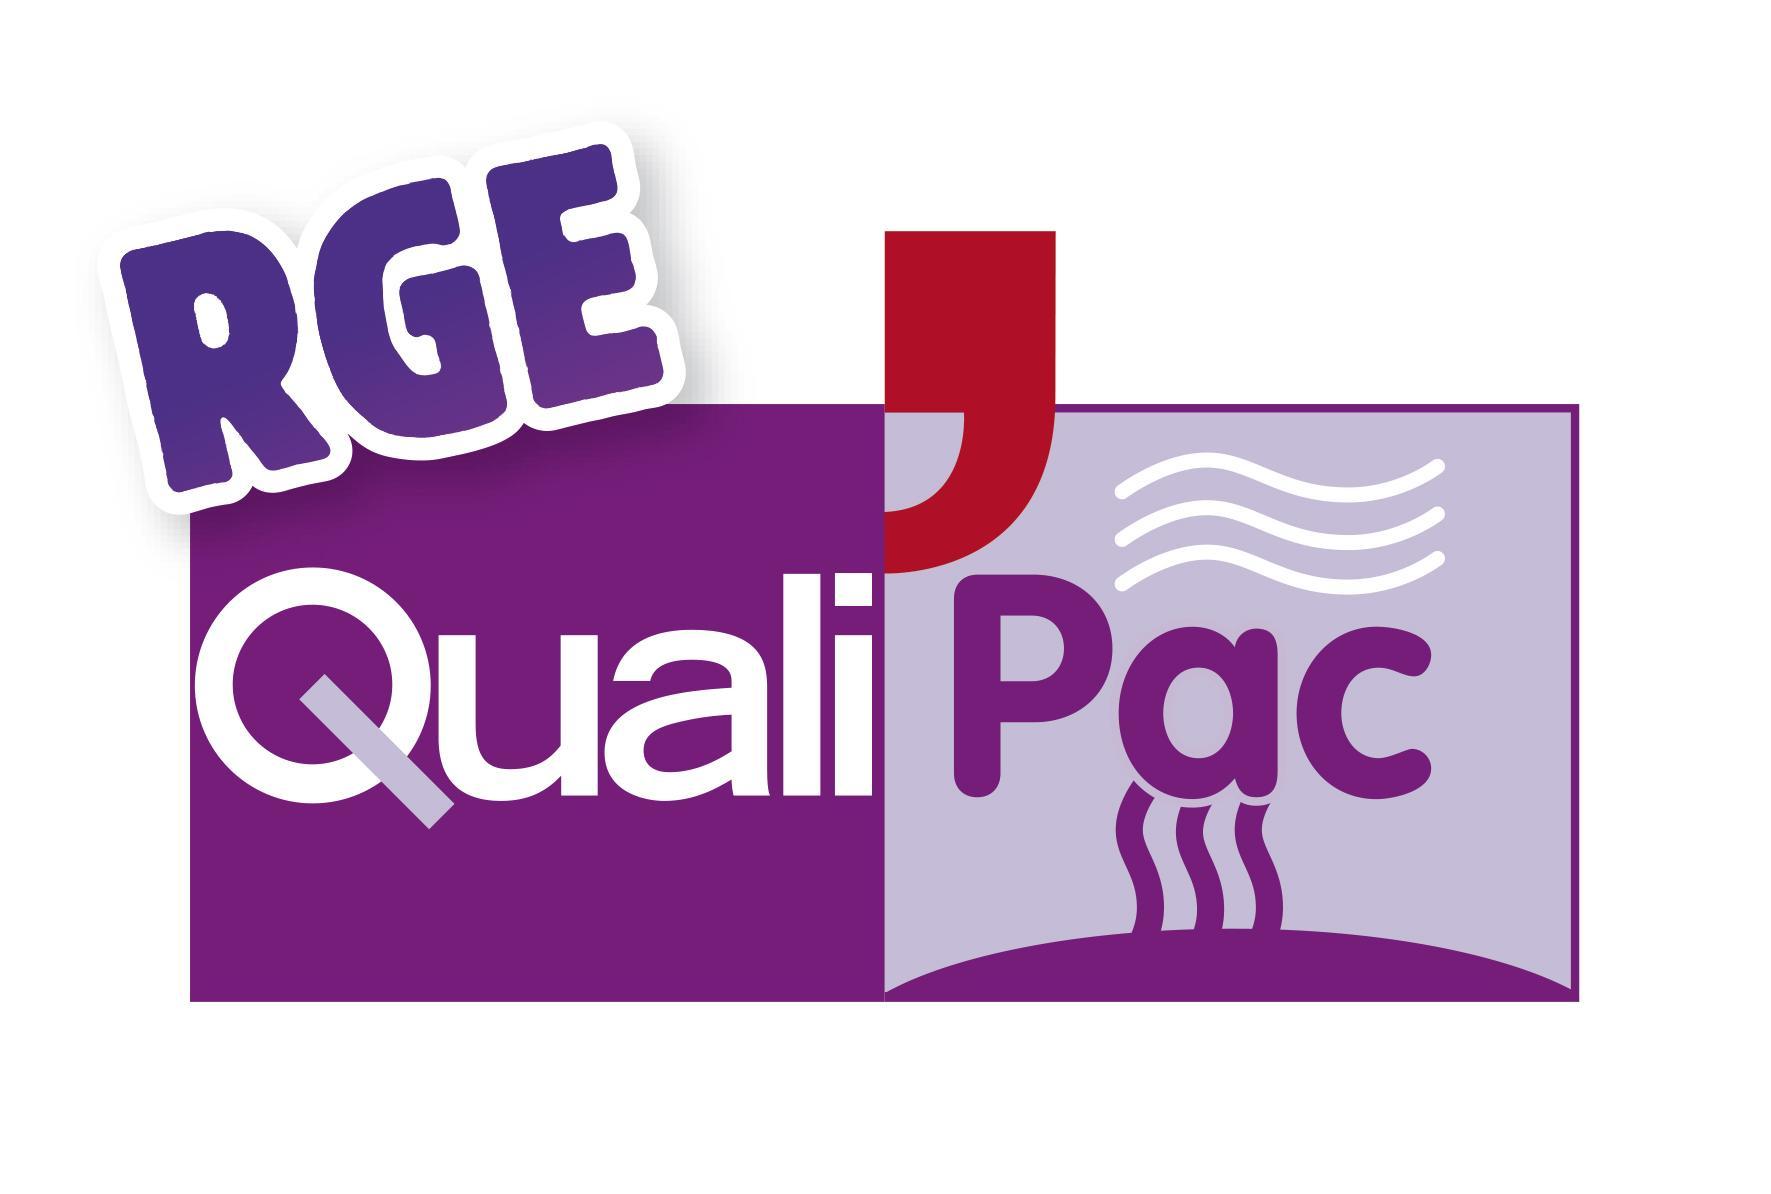 Logo qualipac 2015 rge